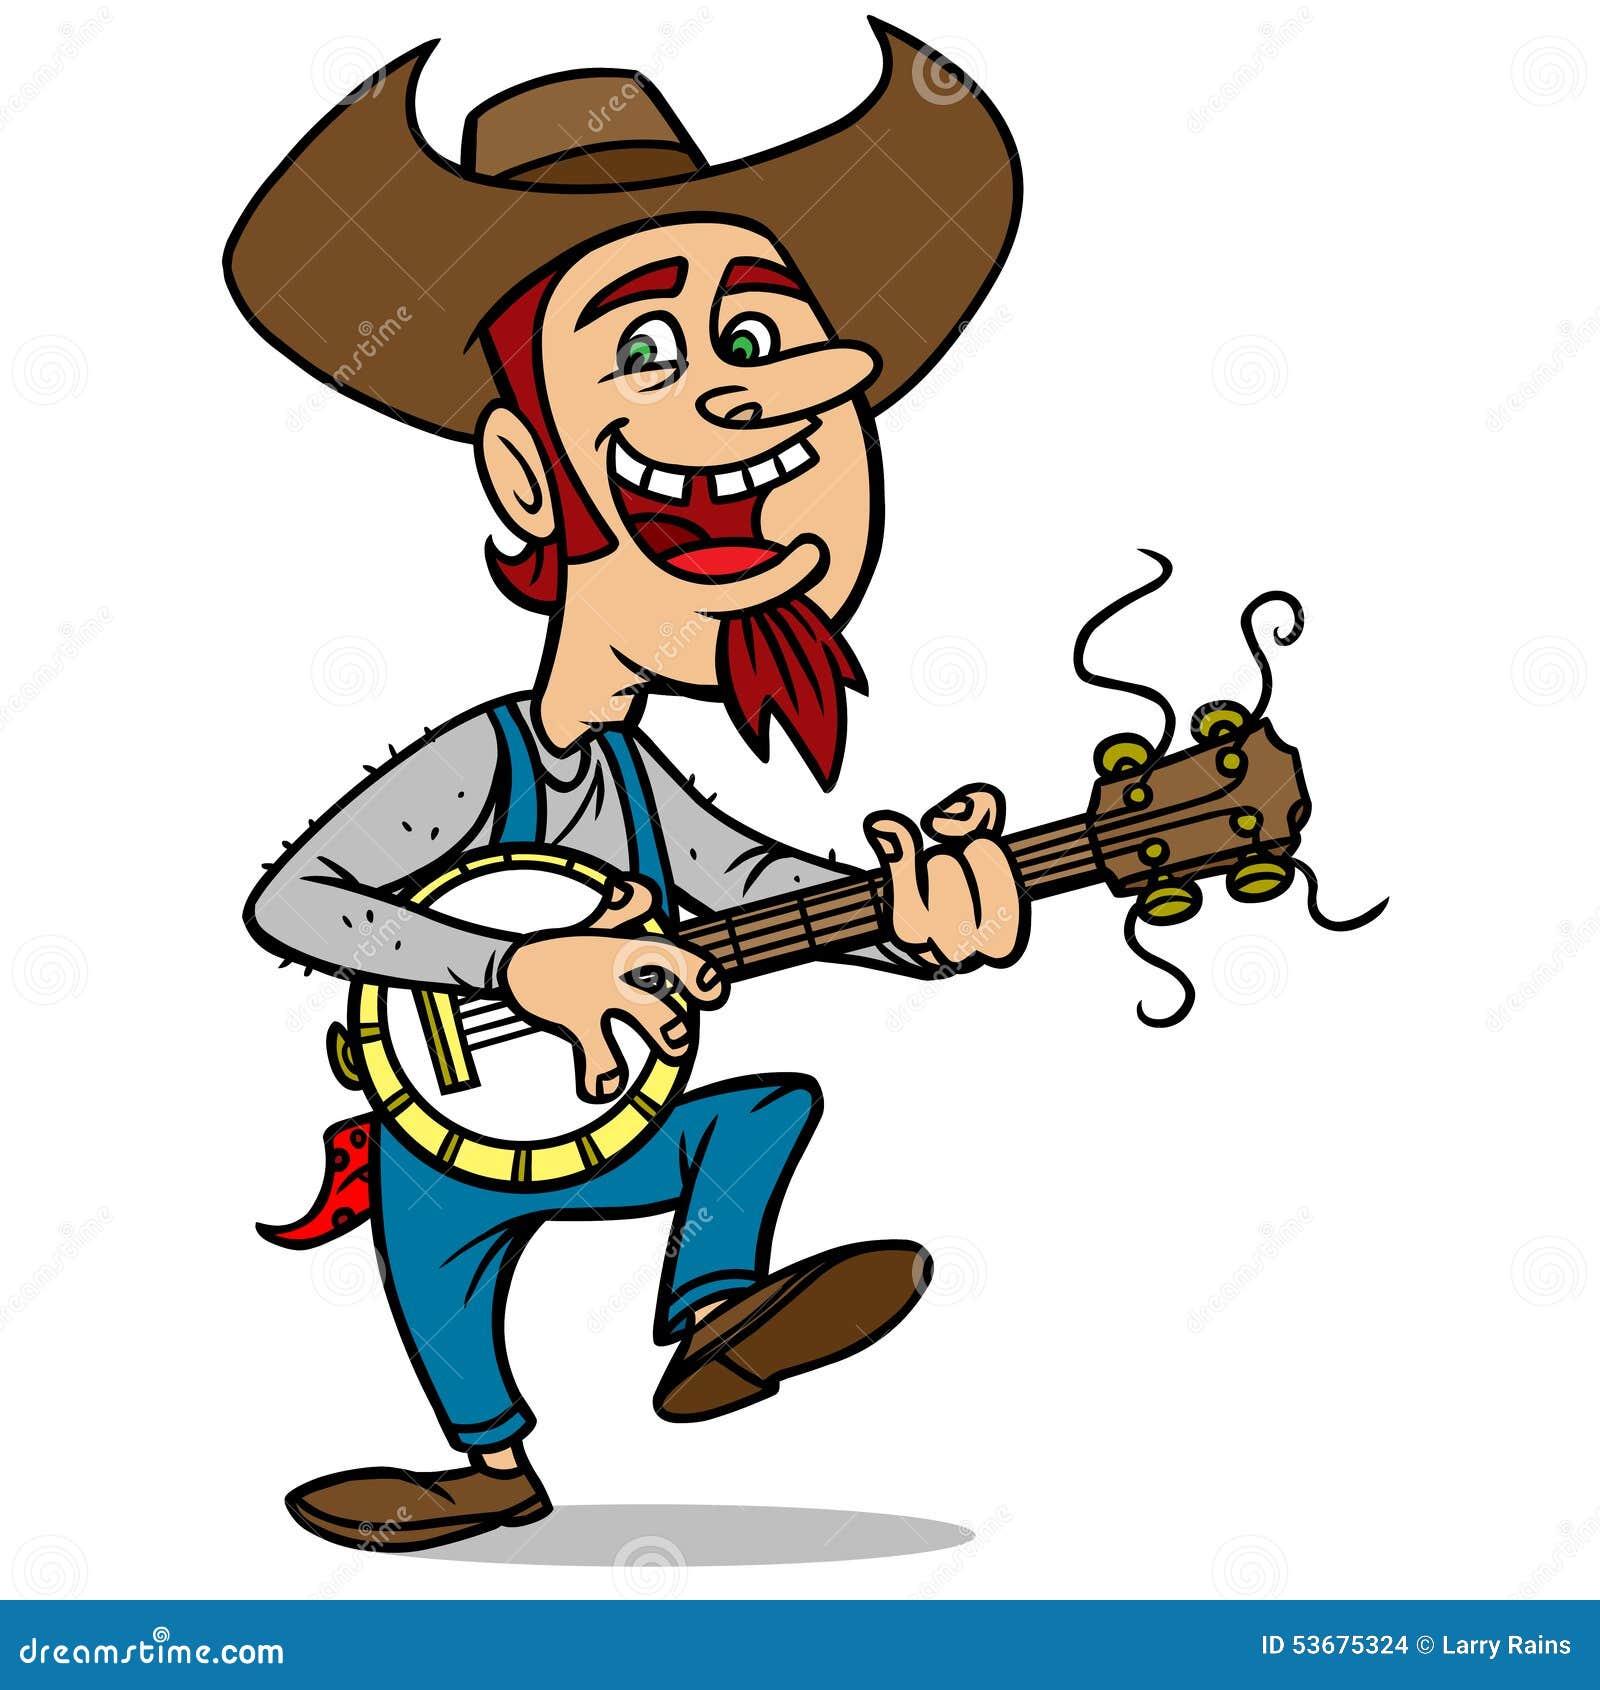 bluegrass stock illustrations 427 bluegrass stock illustrations rh dreamstime com bluegrass music clipart bluegrass band clipart